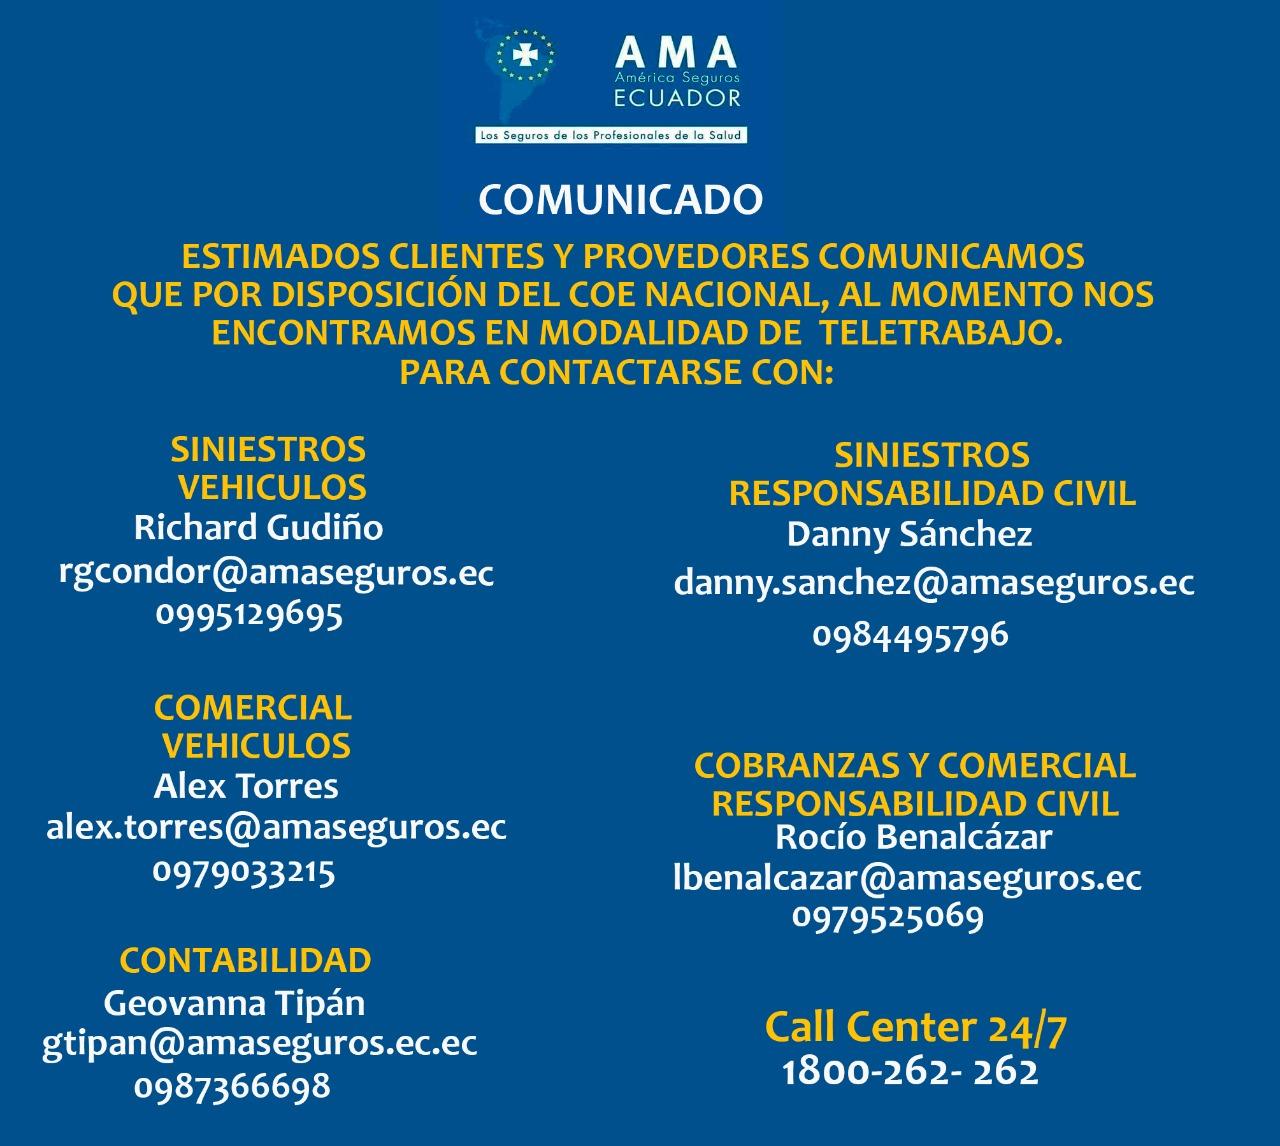 ARTE-COMUNICADO